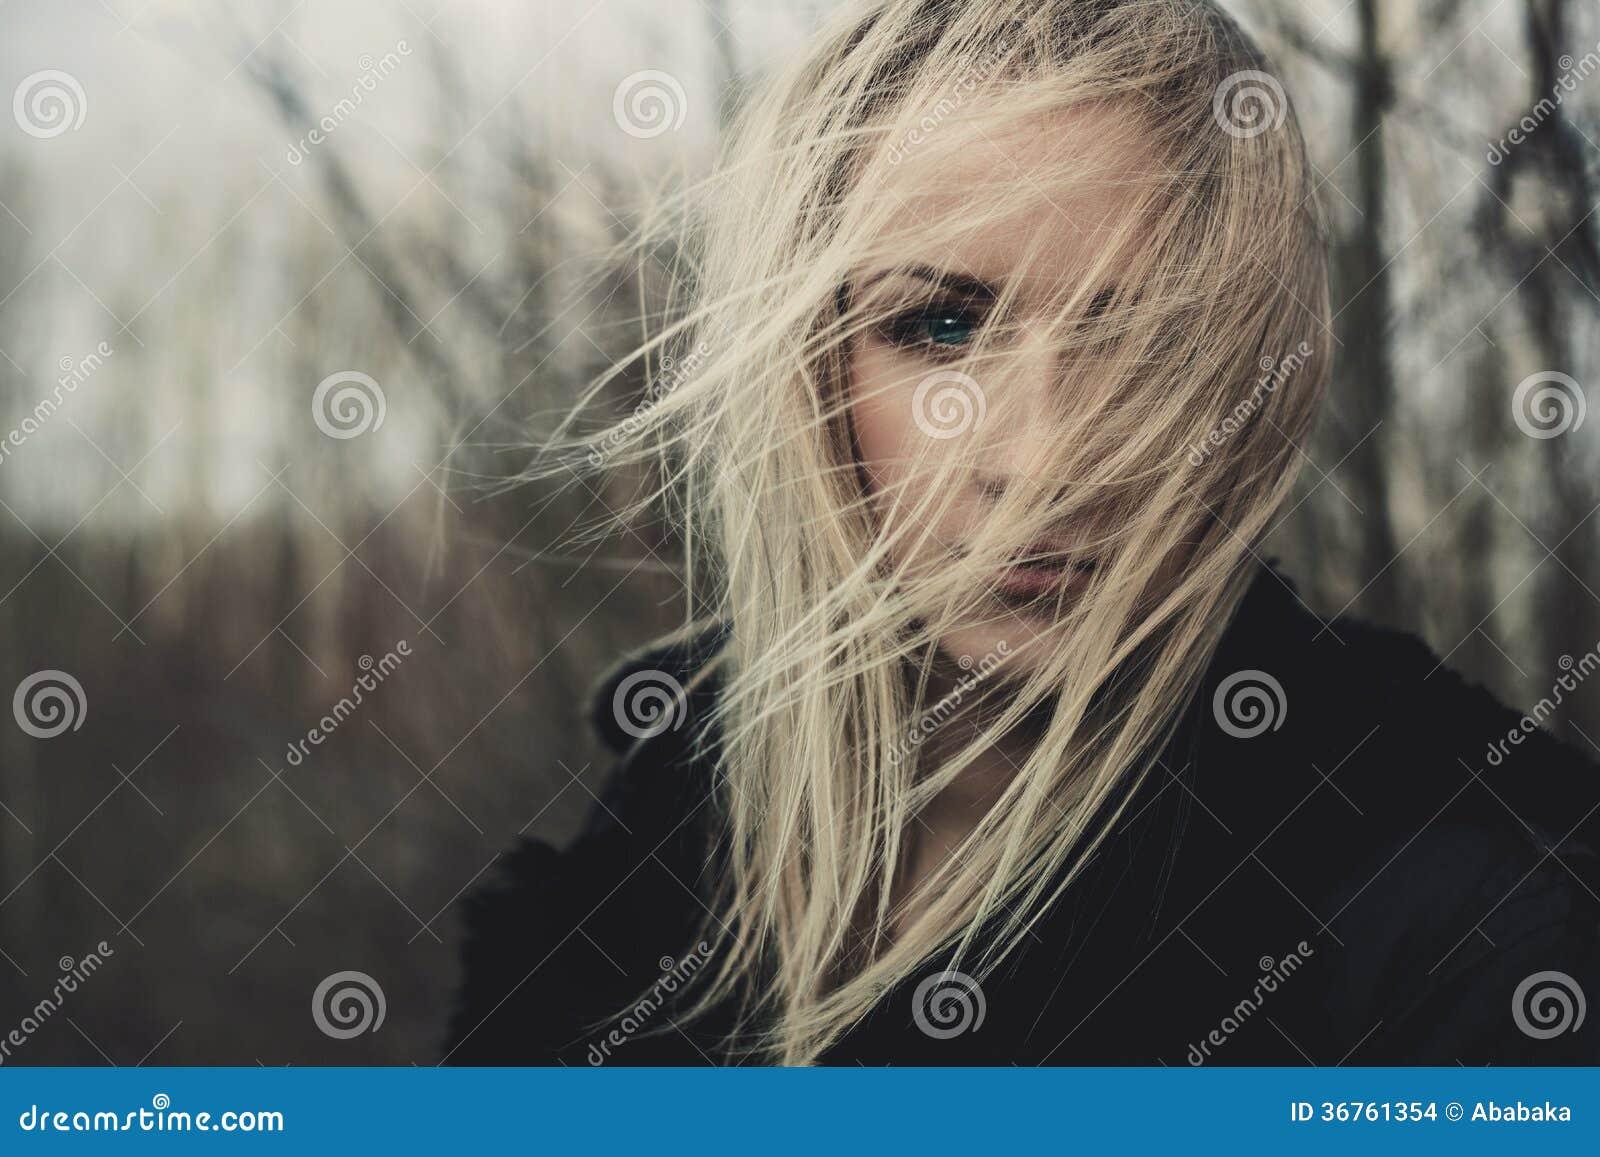 Ritratto di bella ragazza il giorno ventoso